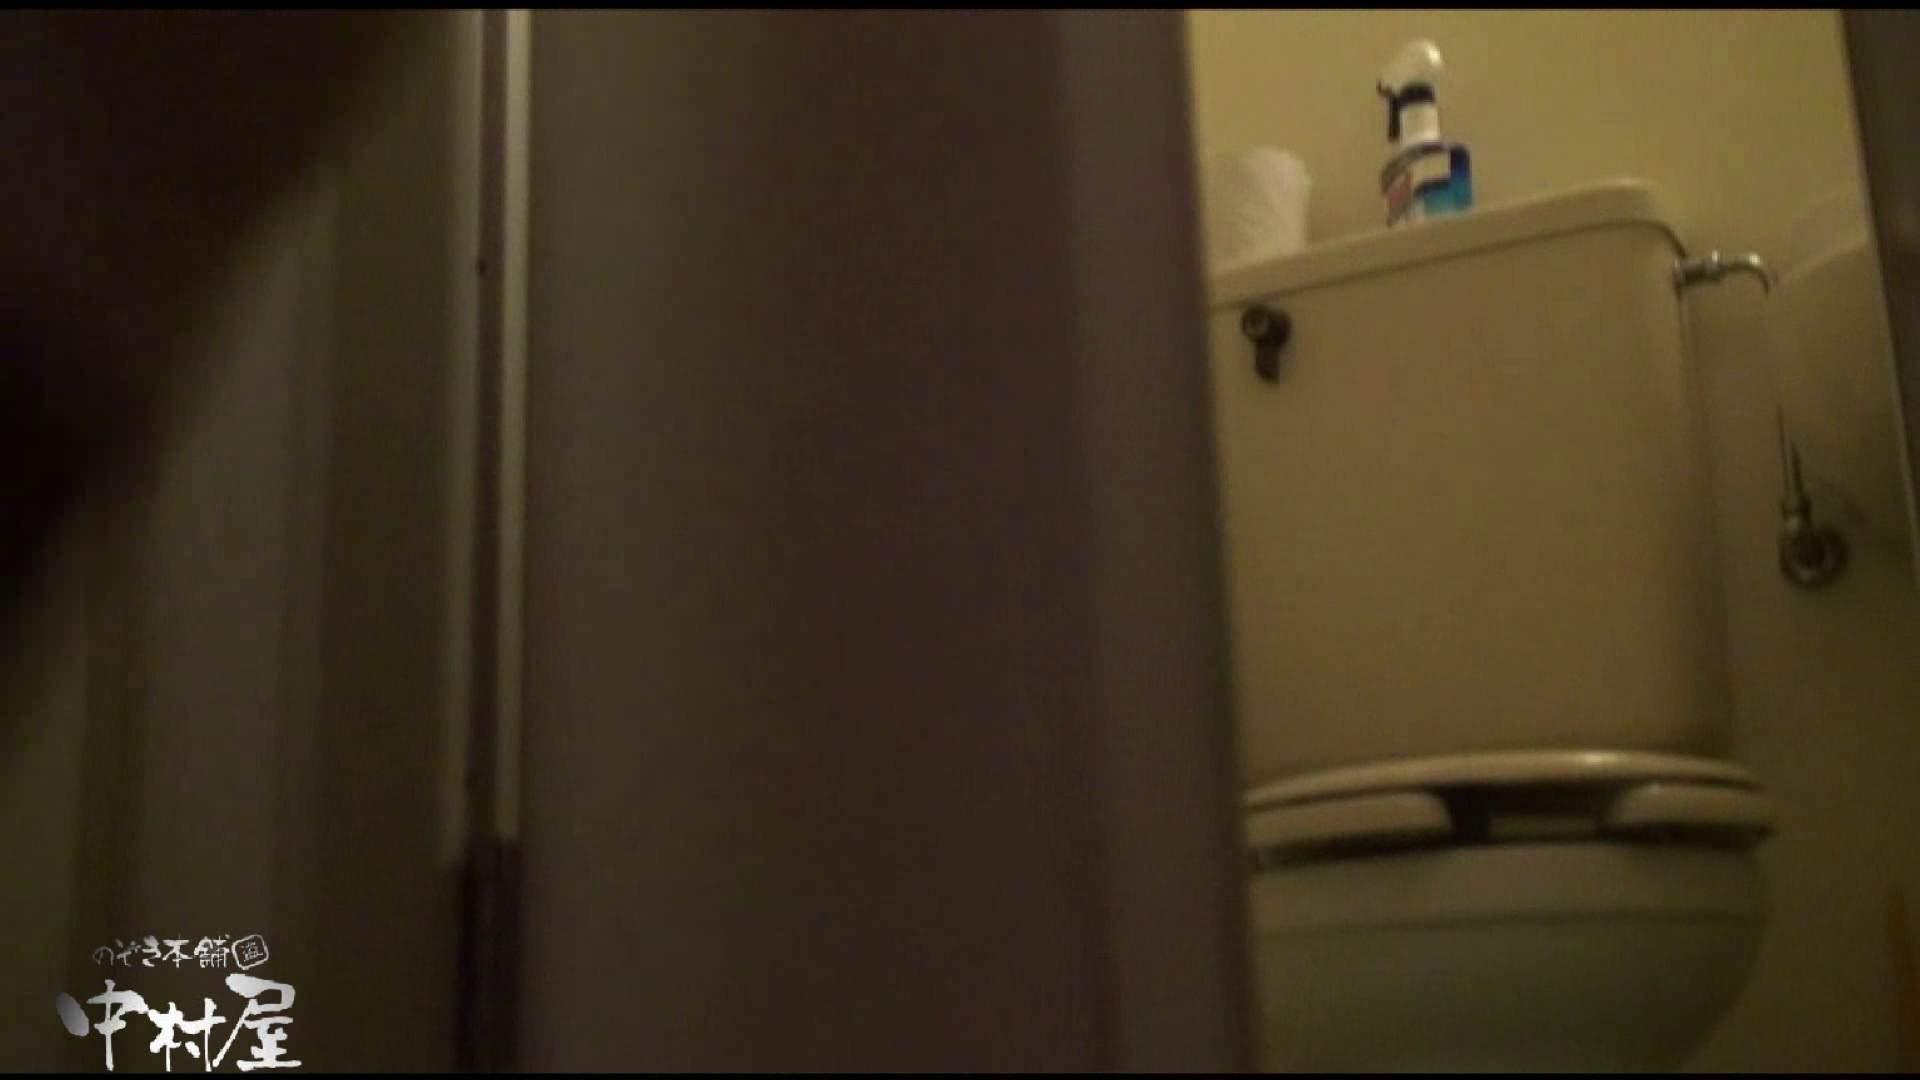 飛び出す黄金水!!!アトレ潜入 かわや盗撮 vol.05 オマンコ 盗み撮り動画キャプチャ 90連発 24